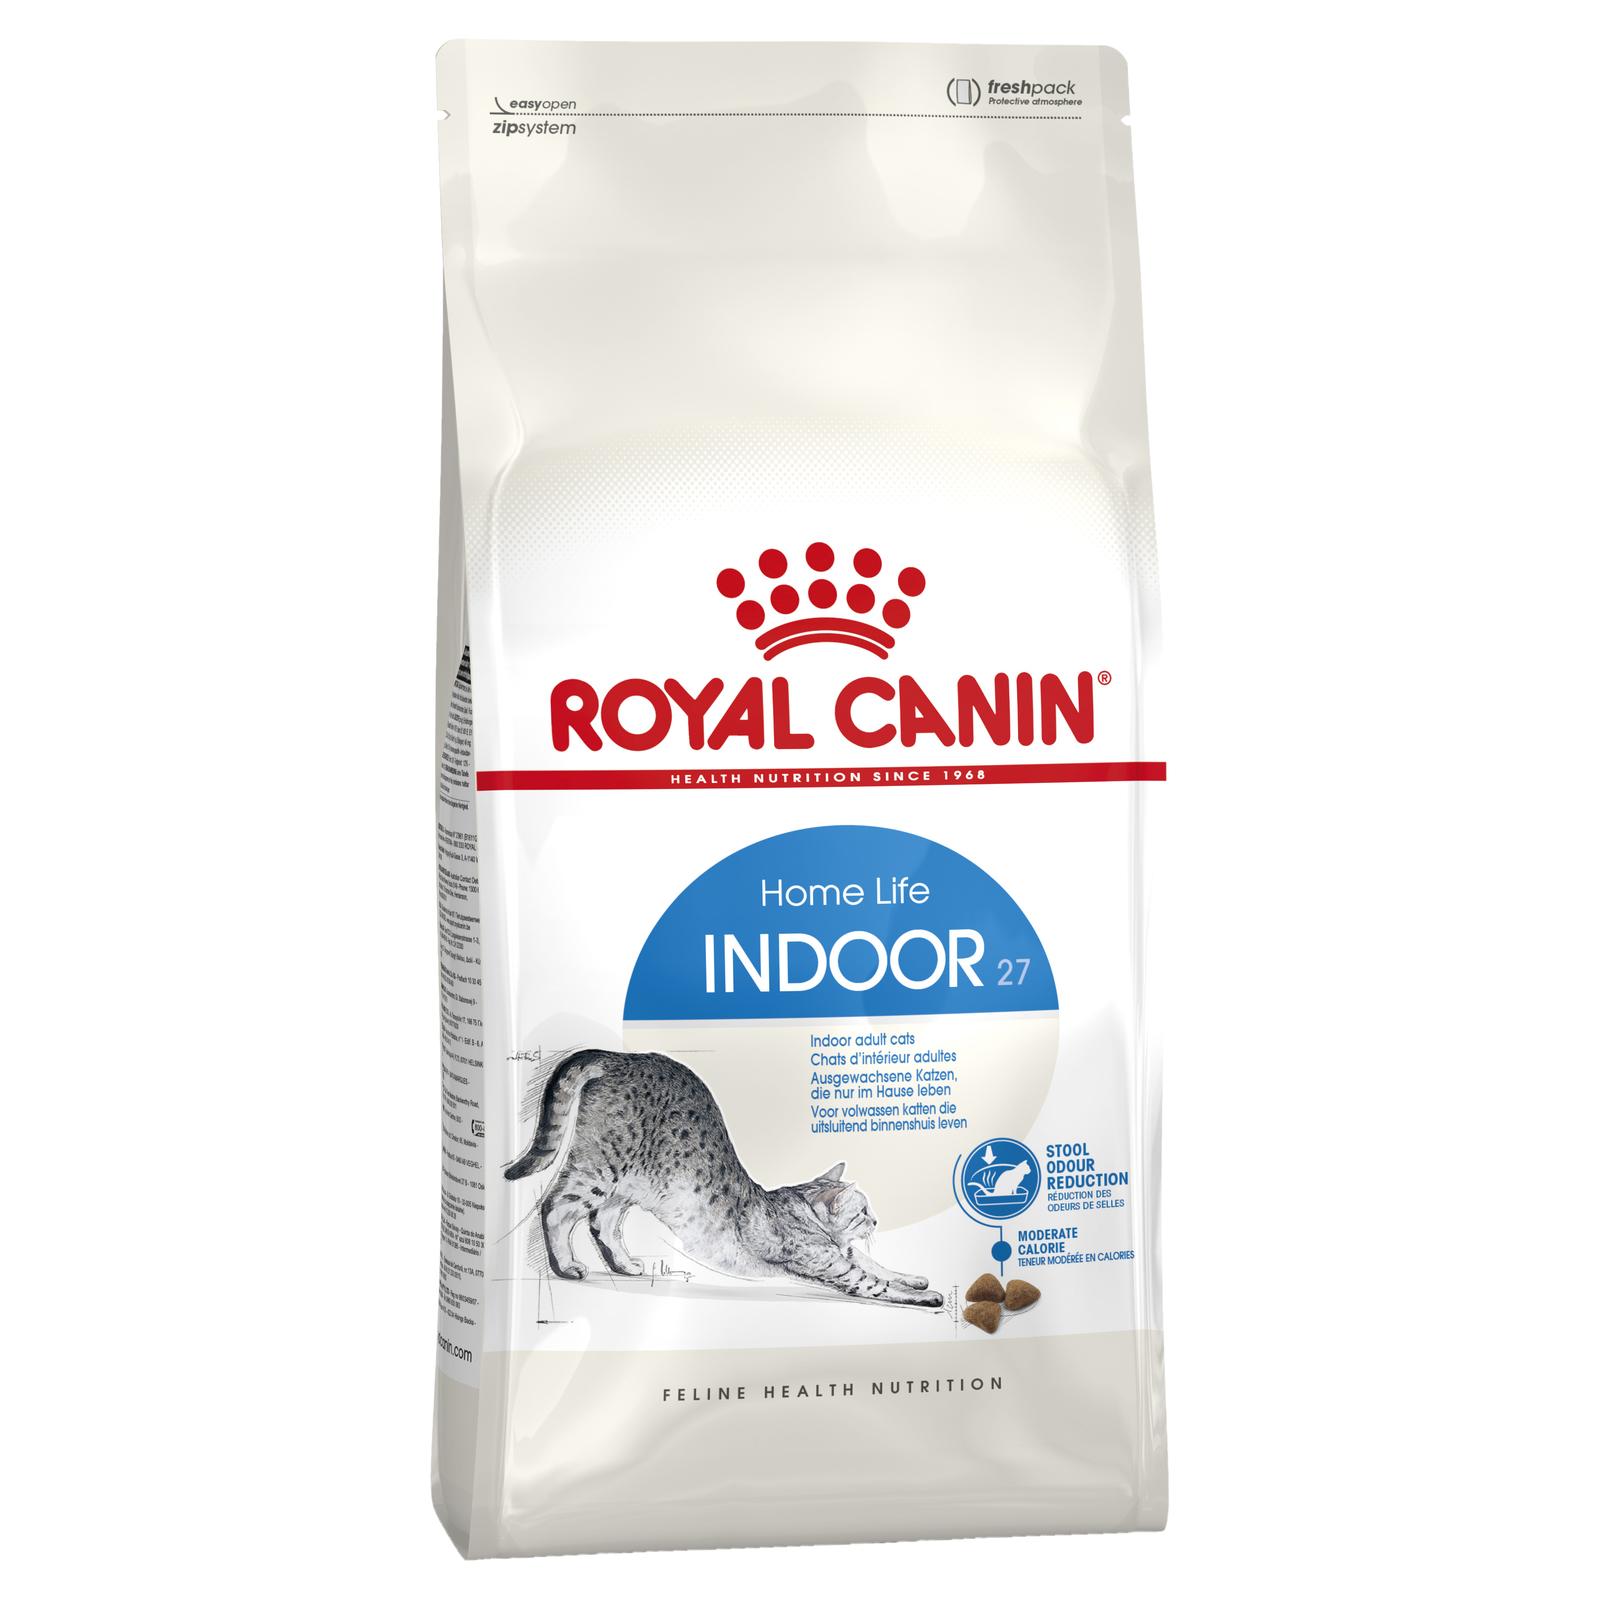 royal canin indoor dry cat food. Black Bedroom Furniture Sets. Home Design Ideas